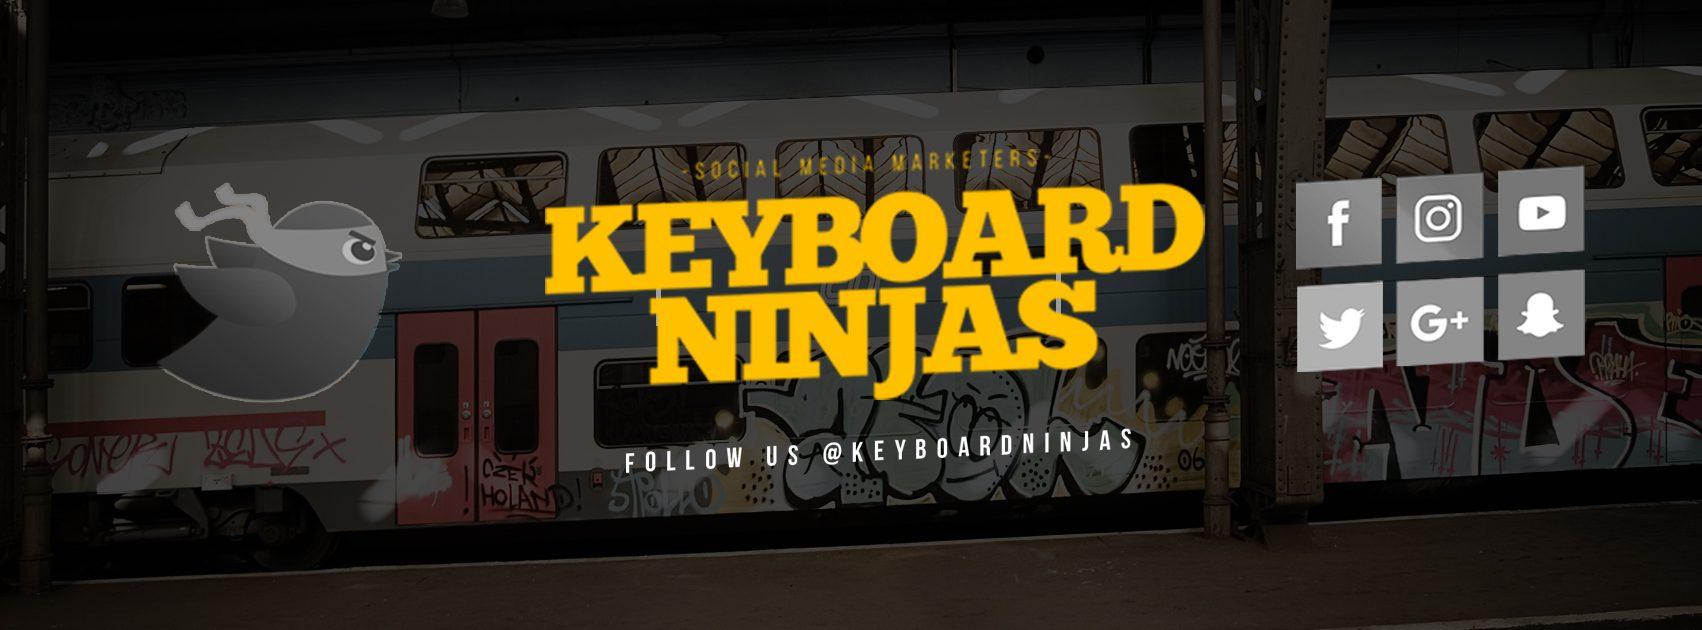 Keyboard Ninjas